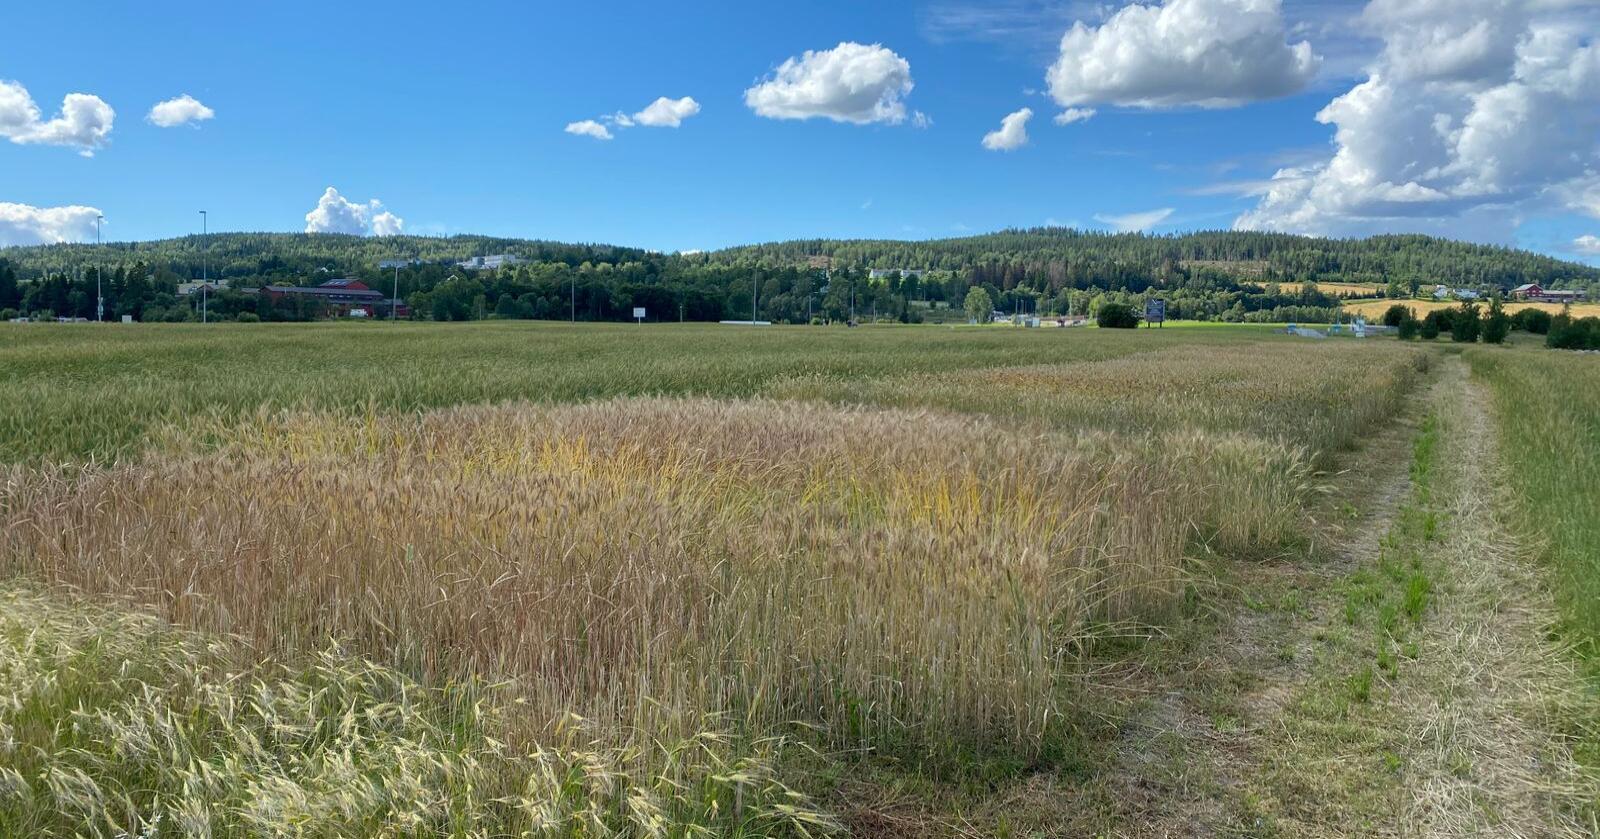 Demofeltet på Hellerud gård i Lillestrøm skal være landets største i antall og variasjon av høsthvete og speltsorter med nordisk og europeisk opprinnelse. Foto: Norges Vel